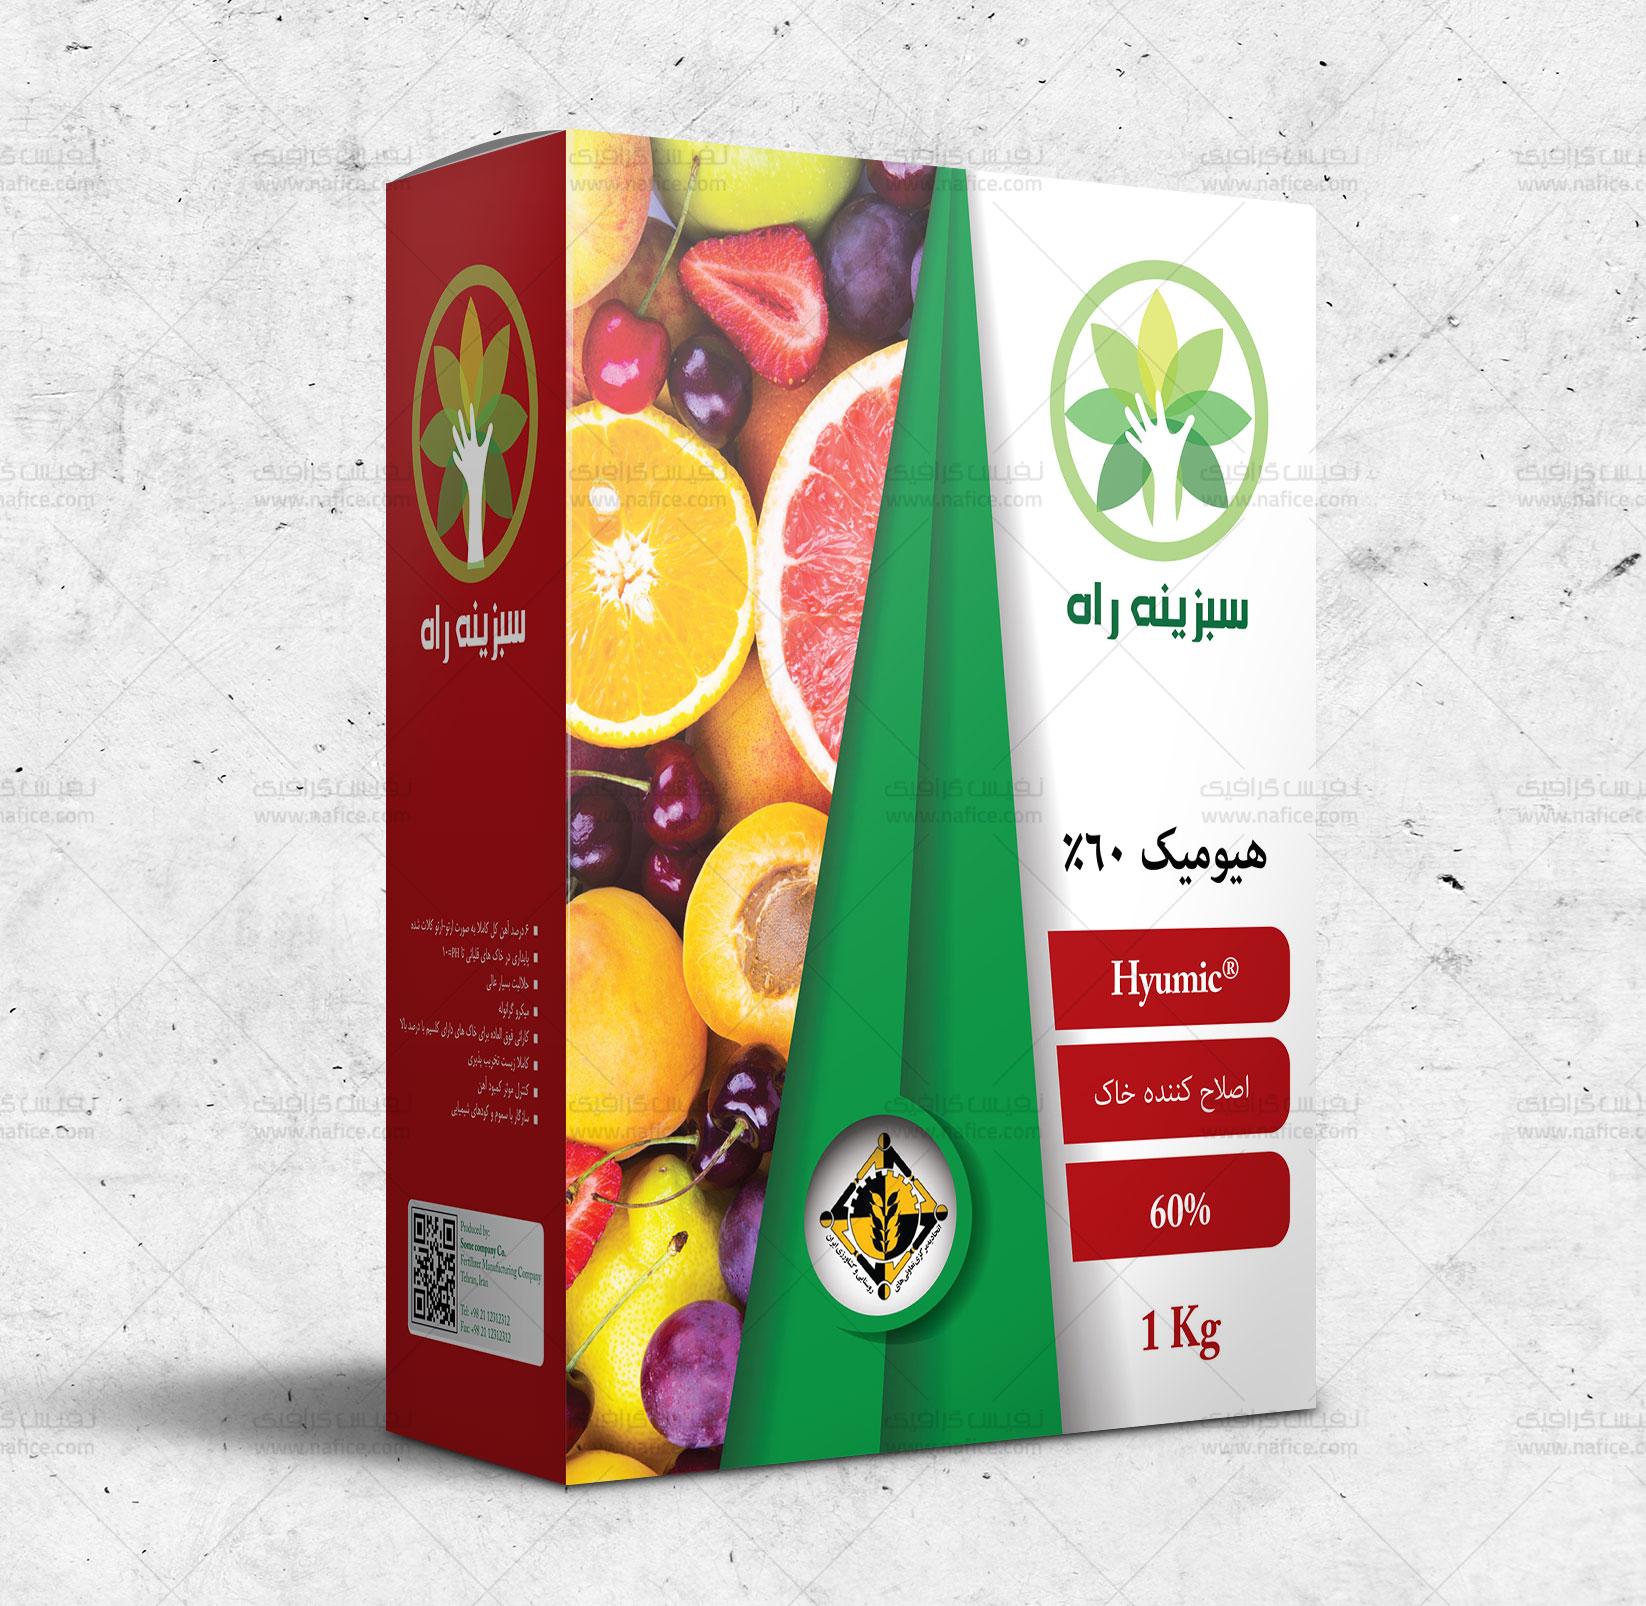 طراحی جعبه لمینیتی کود شیمیایی محصولات کشاورزی سبزینه راه -  -